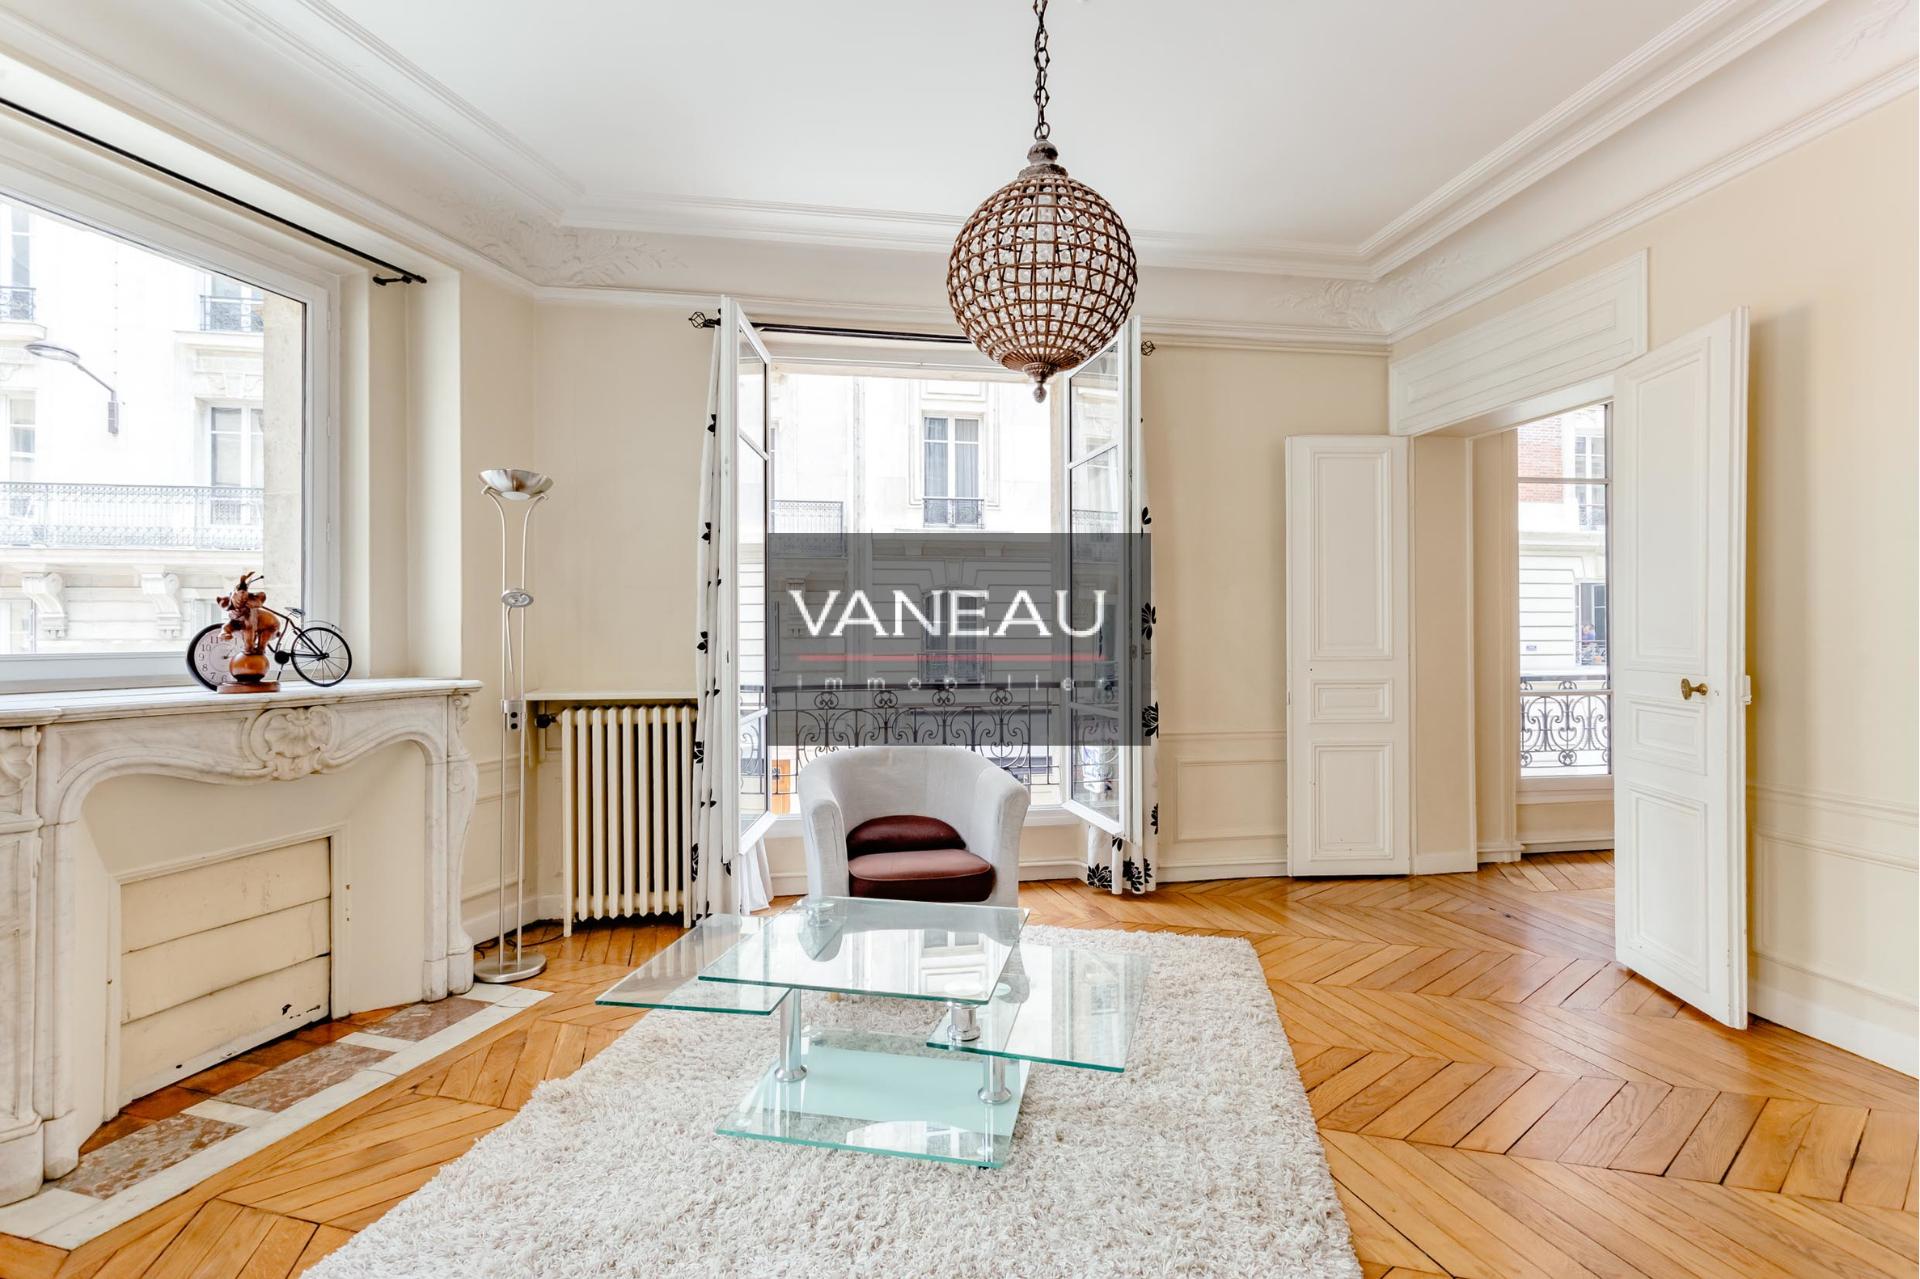 Real estate Paris – France – Vaneau – 2